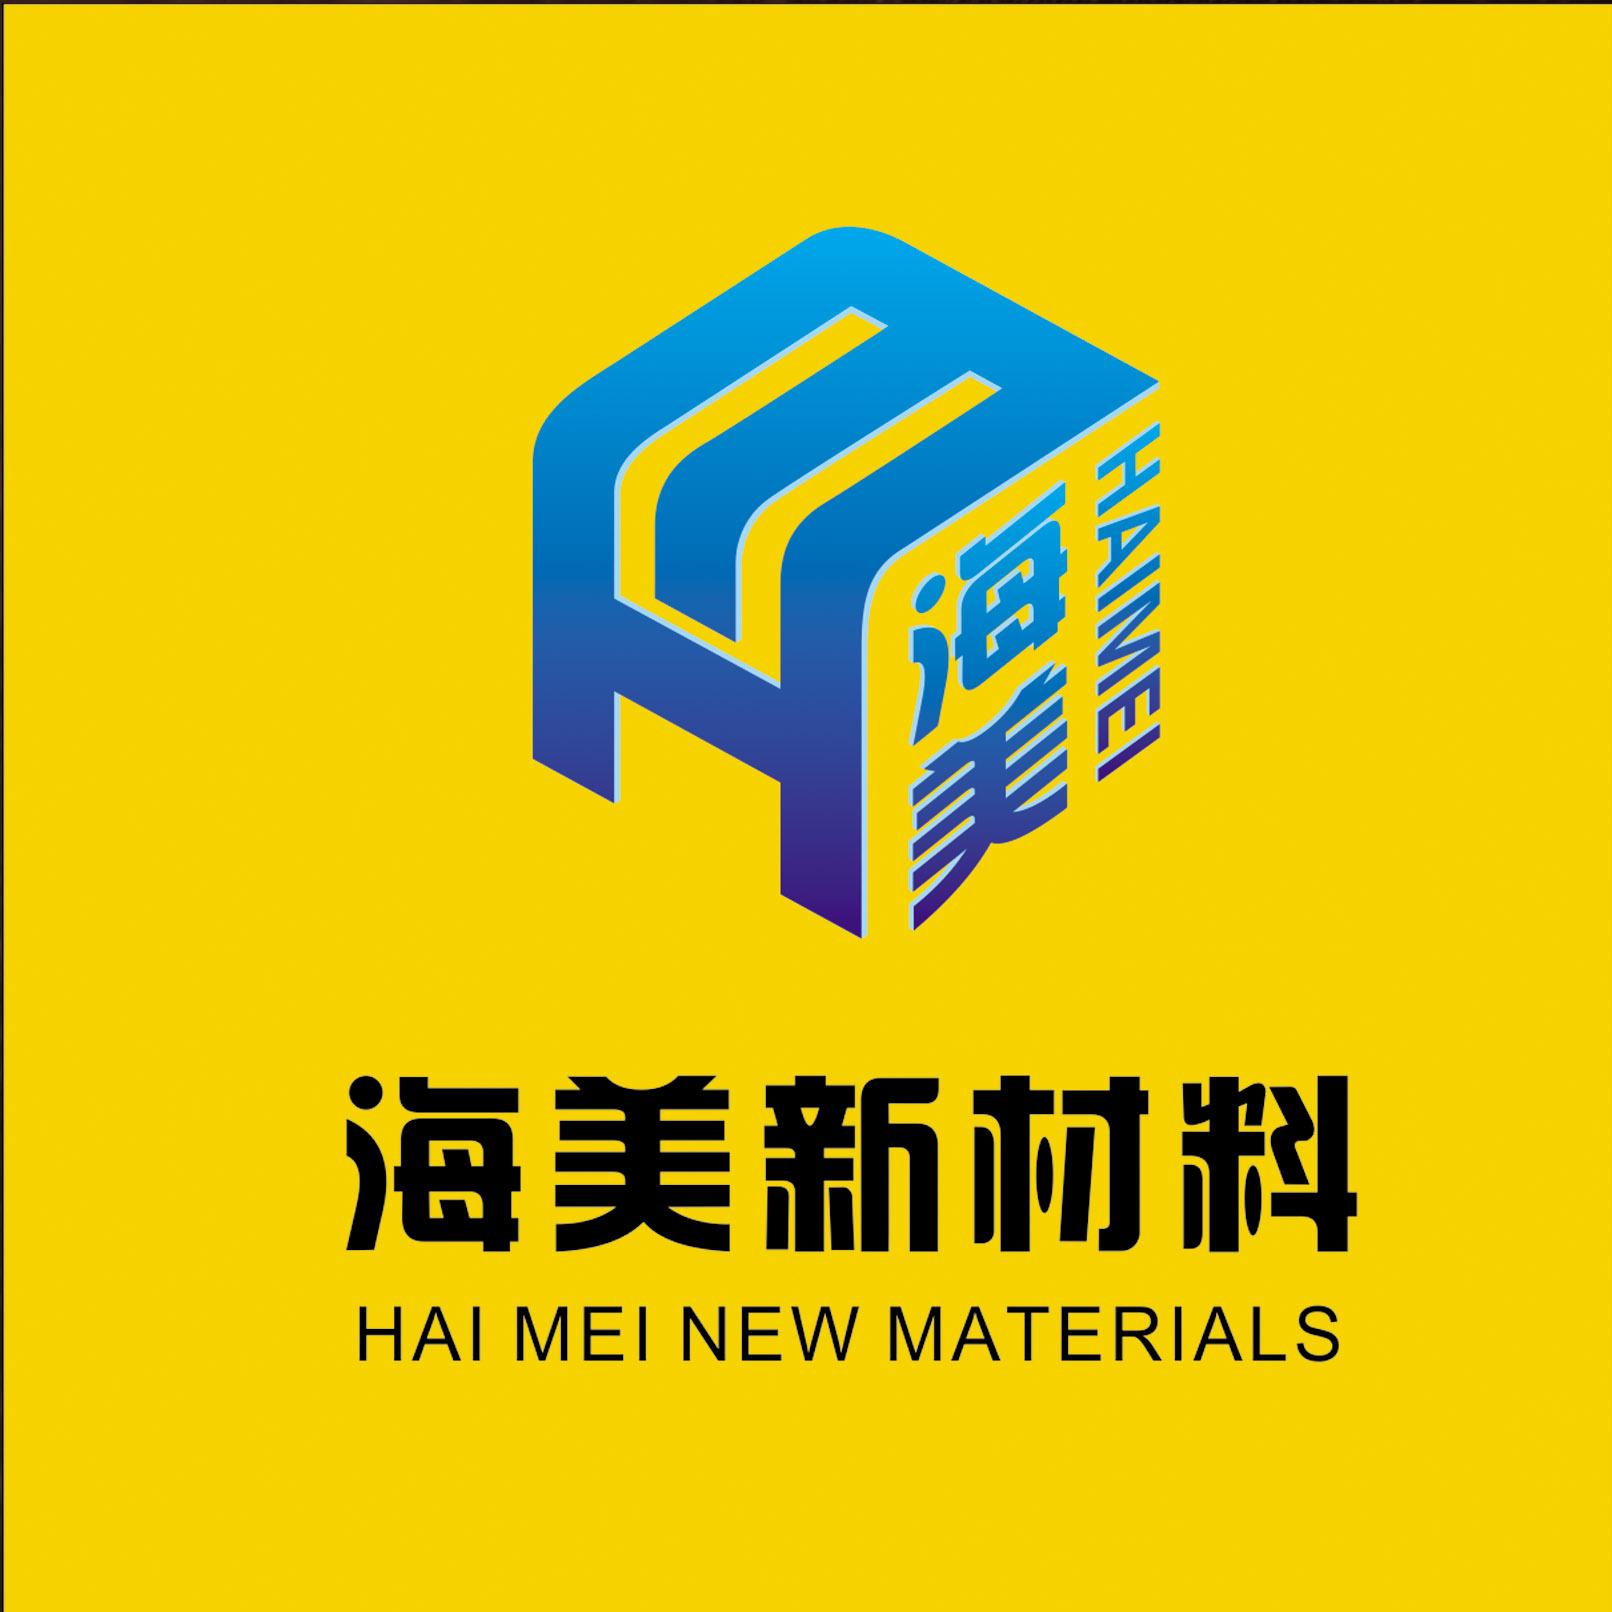 海美新材料logo